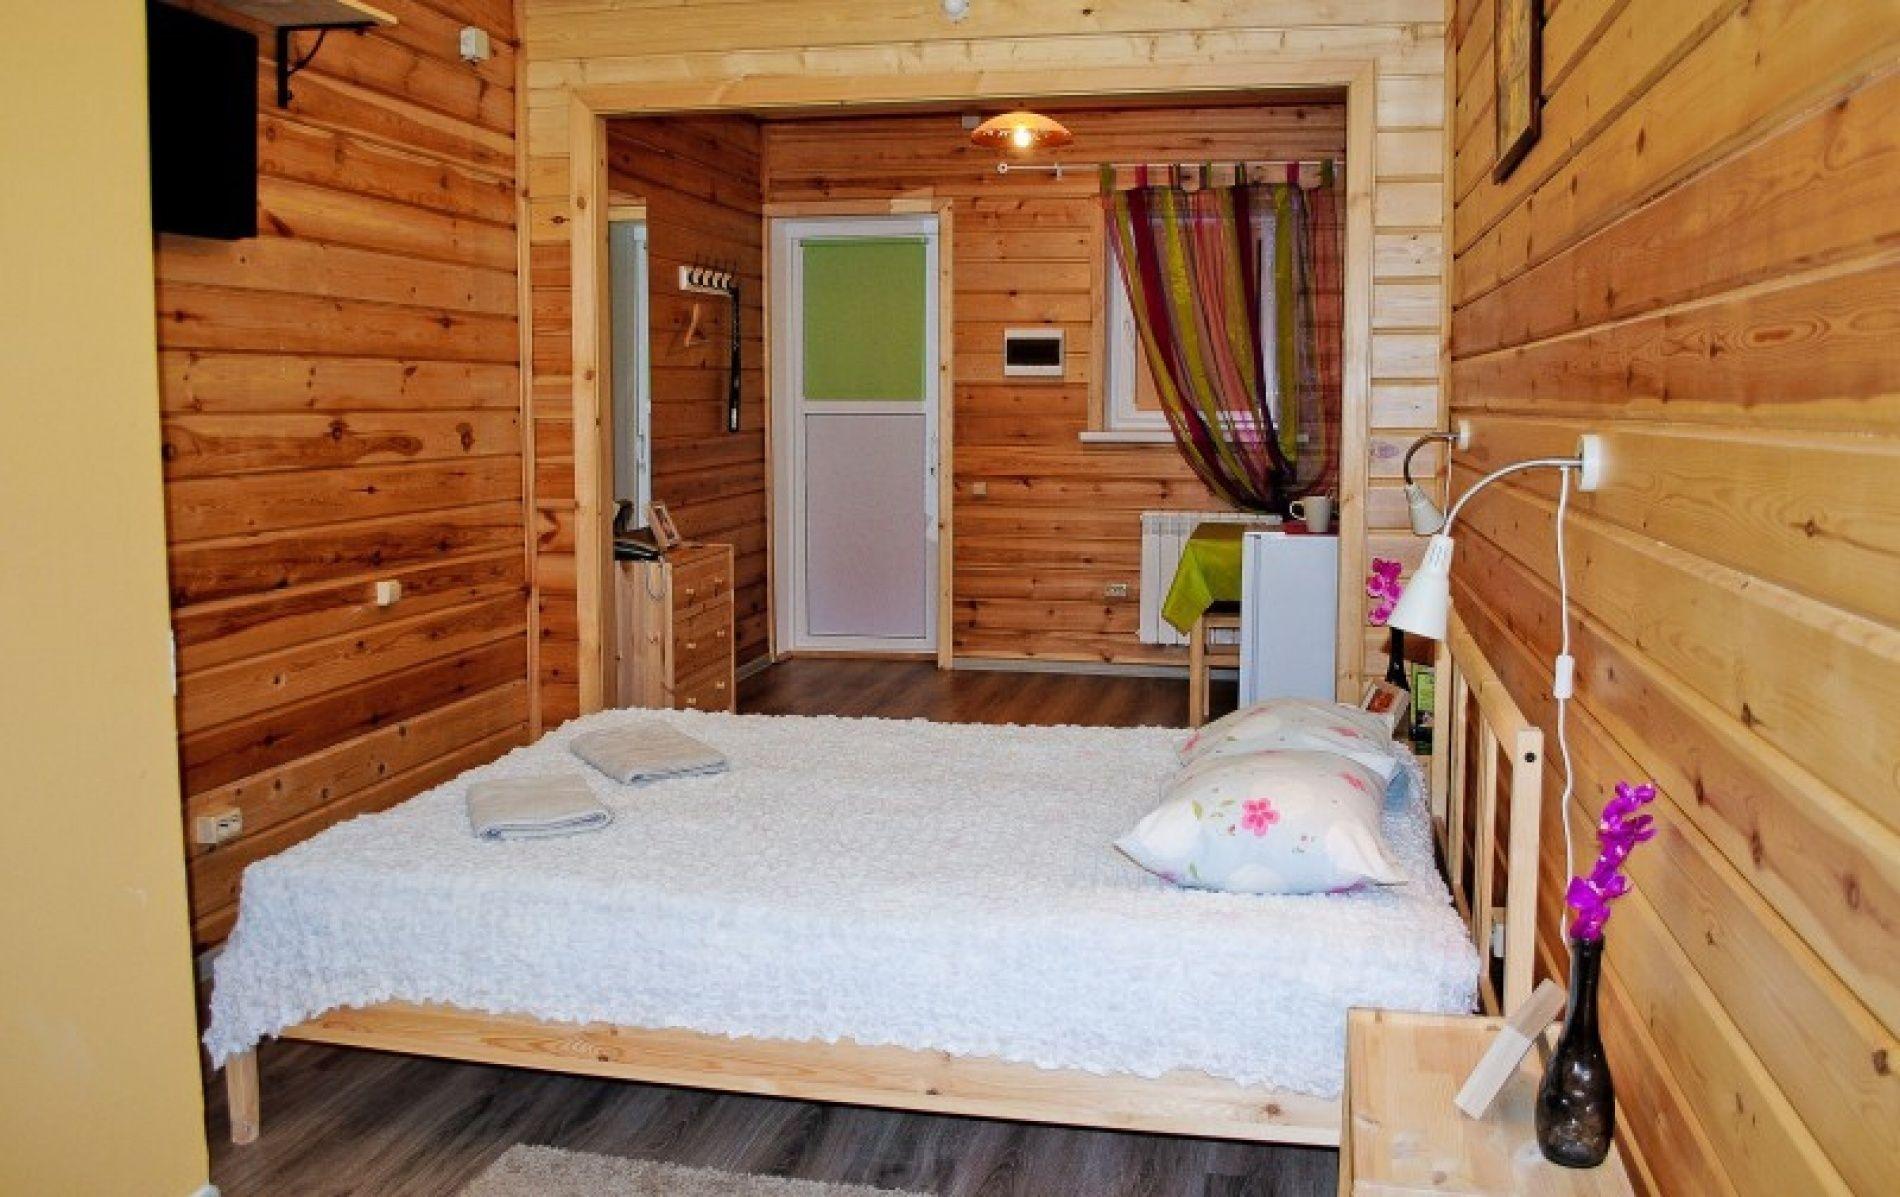 База отдыха «Суйсарь» Республика Карелия 2-местный номер «комфорт» в гостинице , фото 1